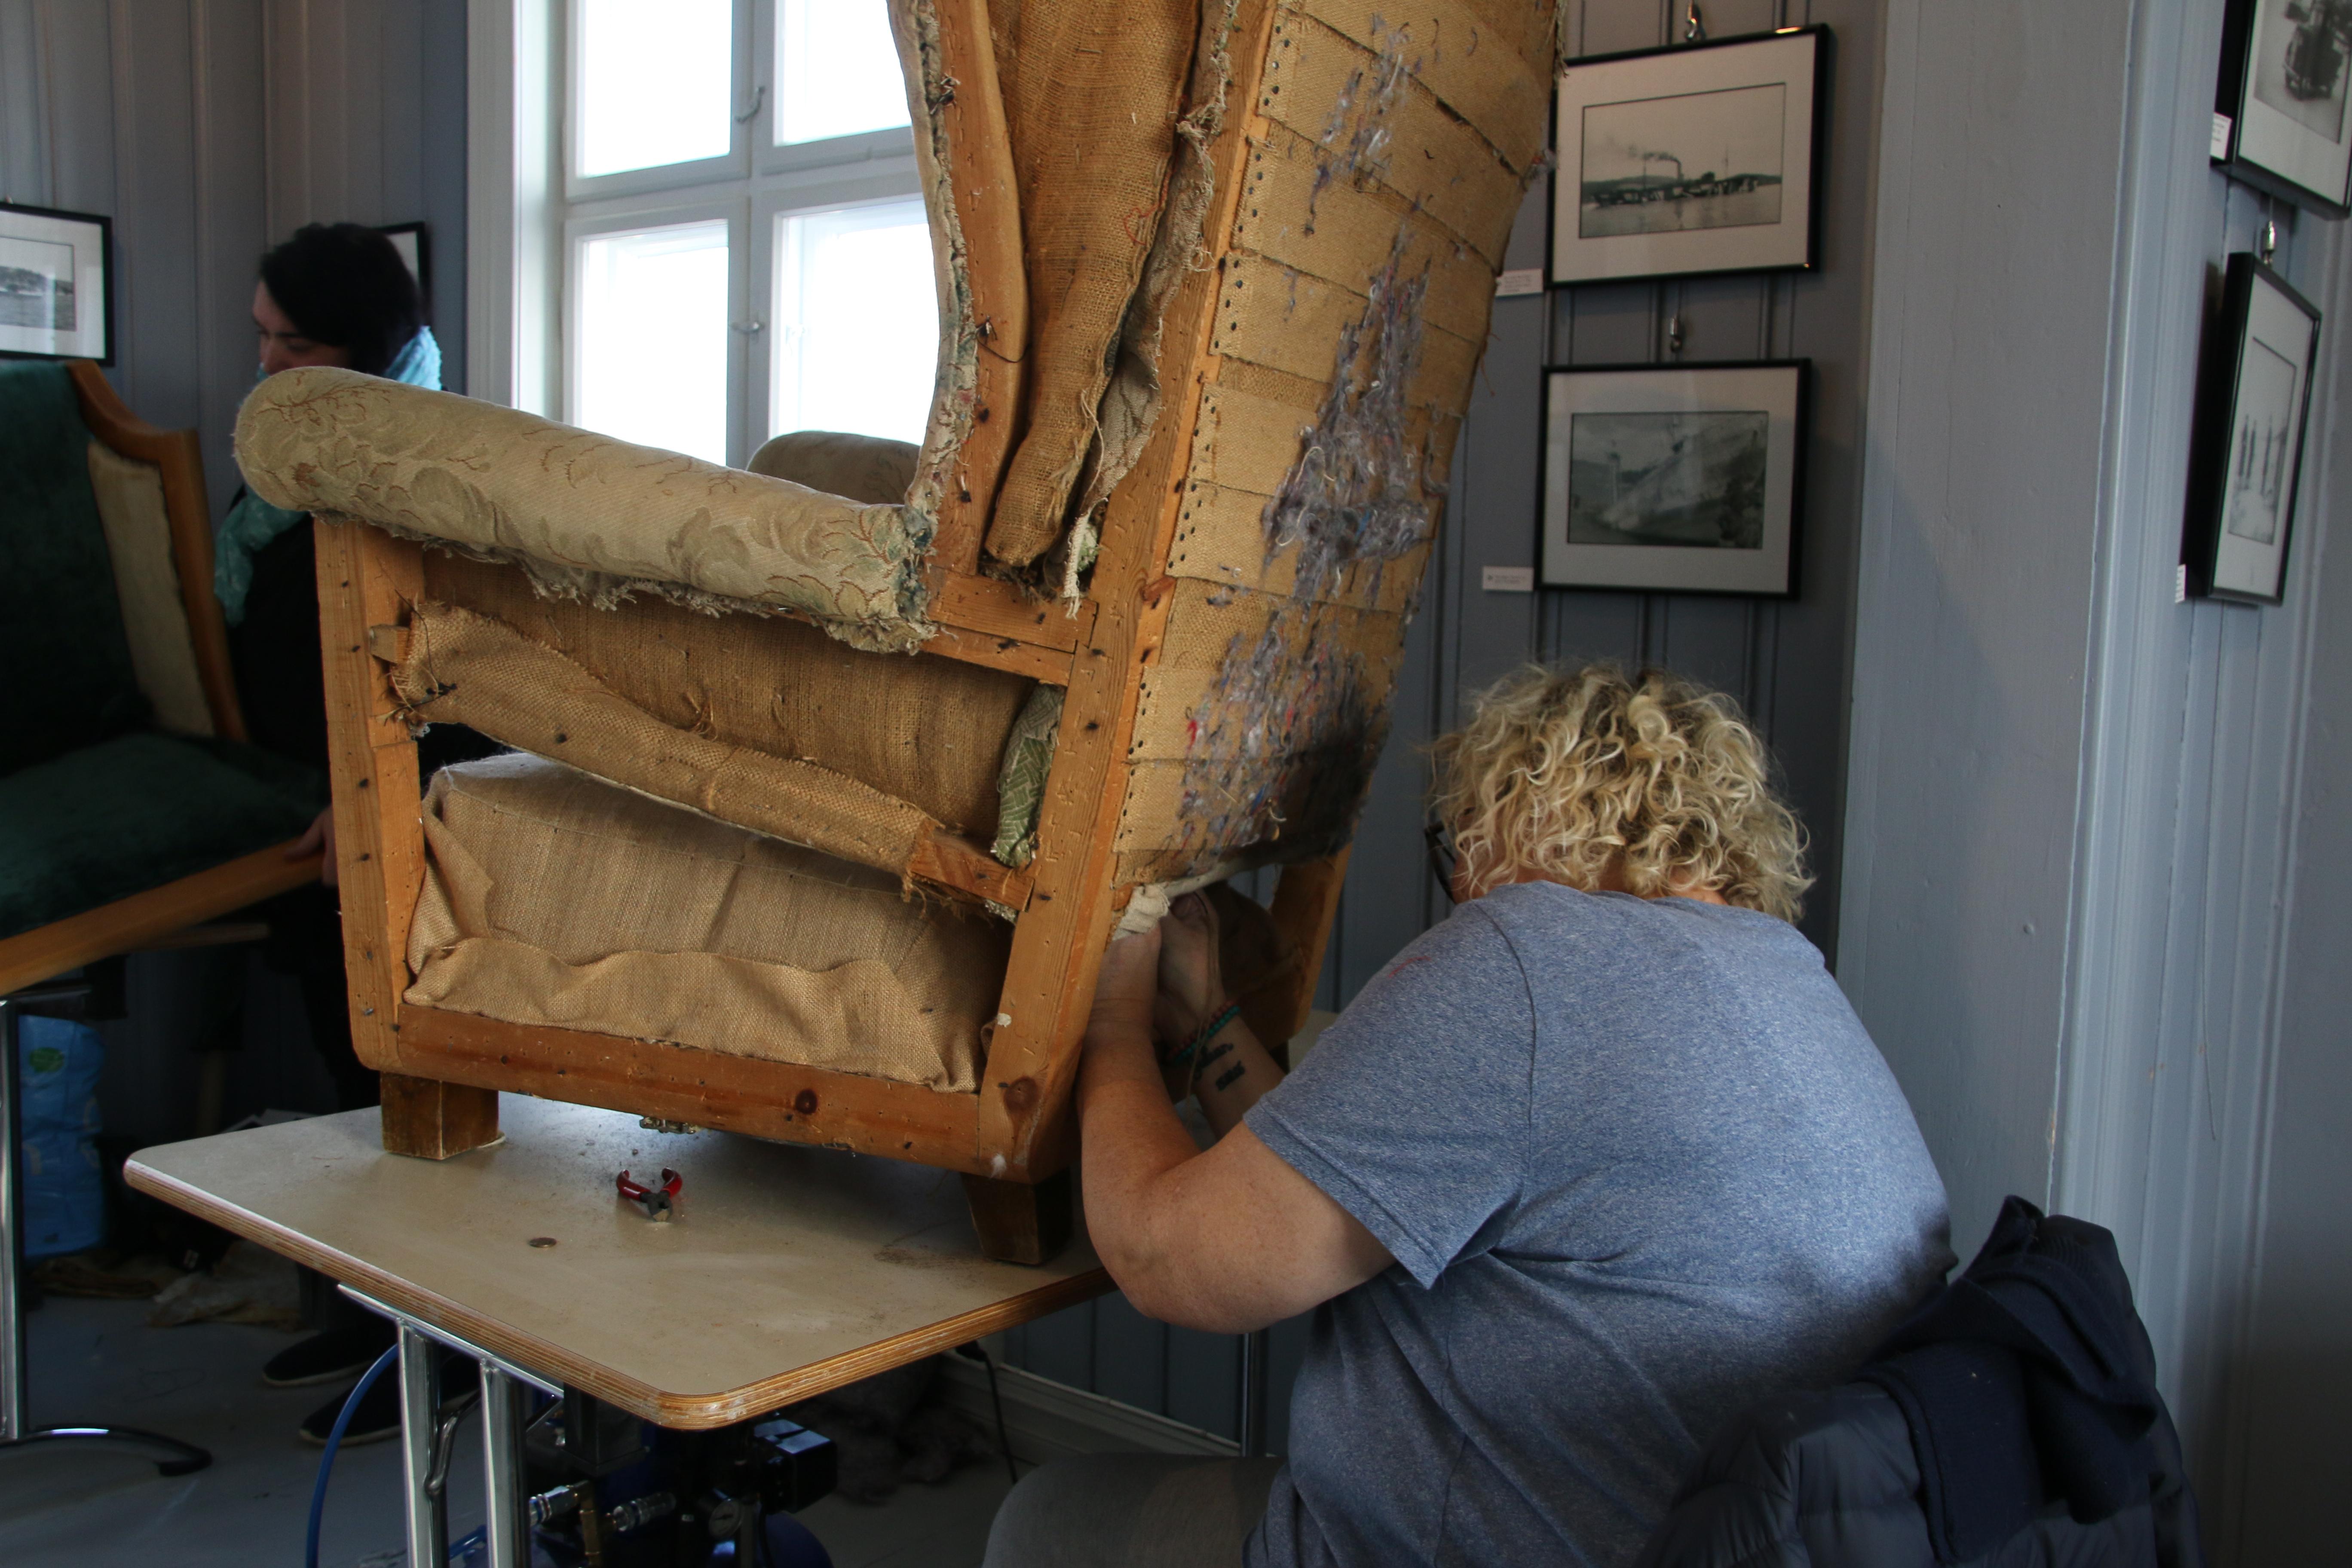 Det er mange operasjoner når man trekker om en gammel stol.  Det kjedeligste, og kanskje det mest slitsomme, er å fjerne alt gammelt.